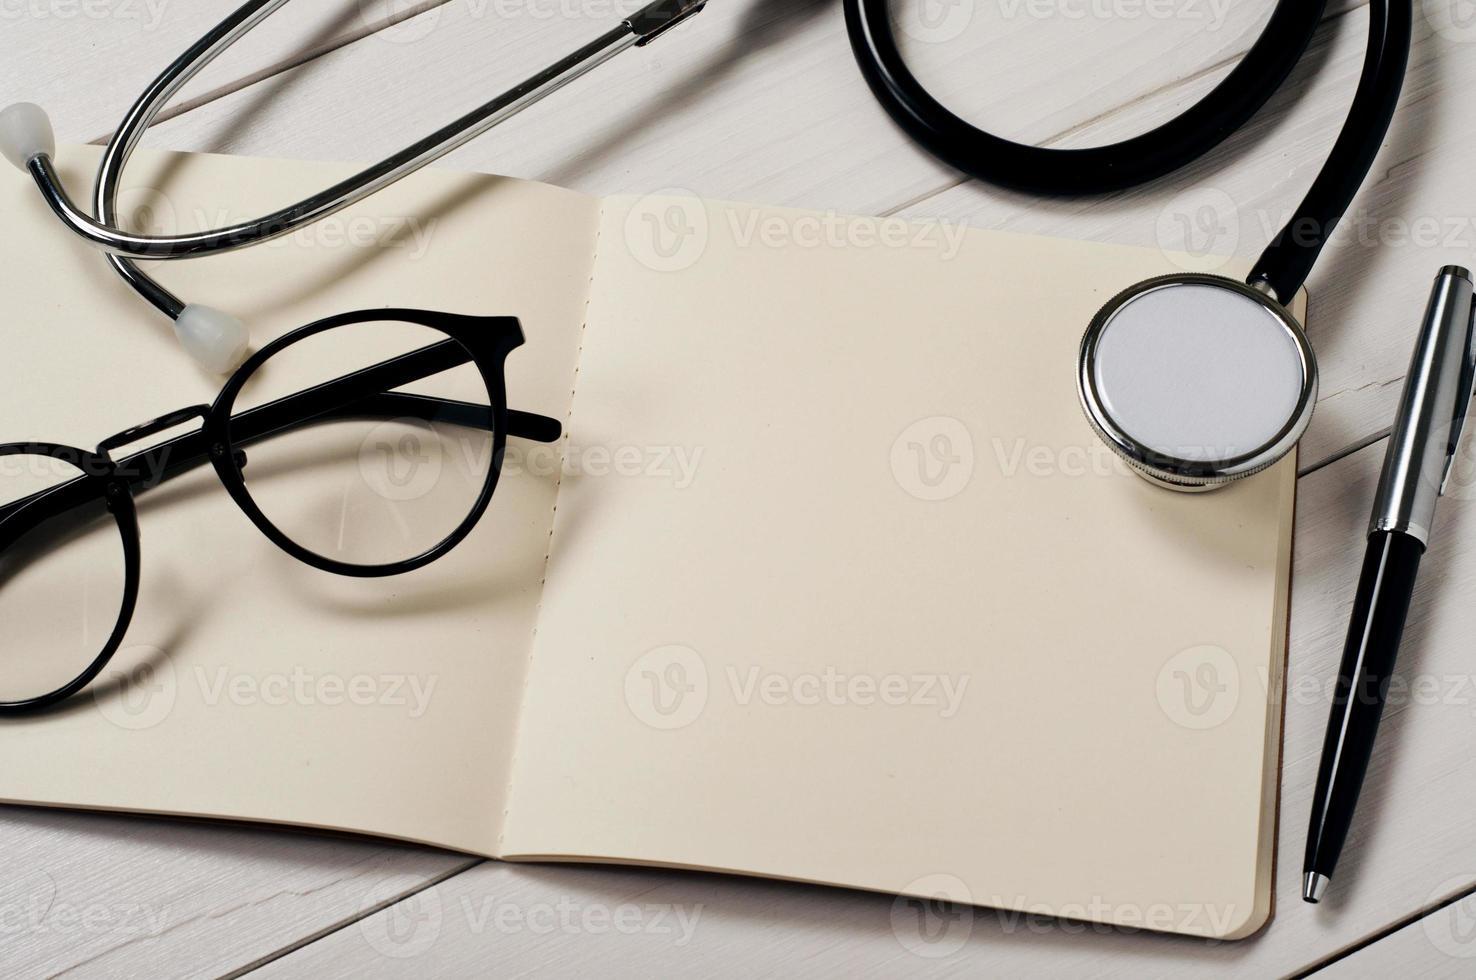 Notizbuch mit leeren Seiten mit Stethoskop öffnen foto